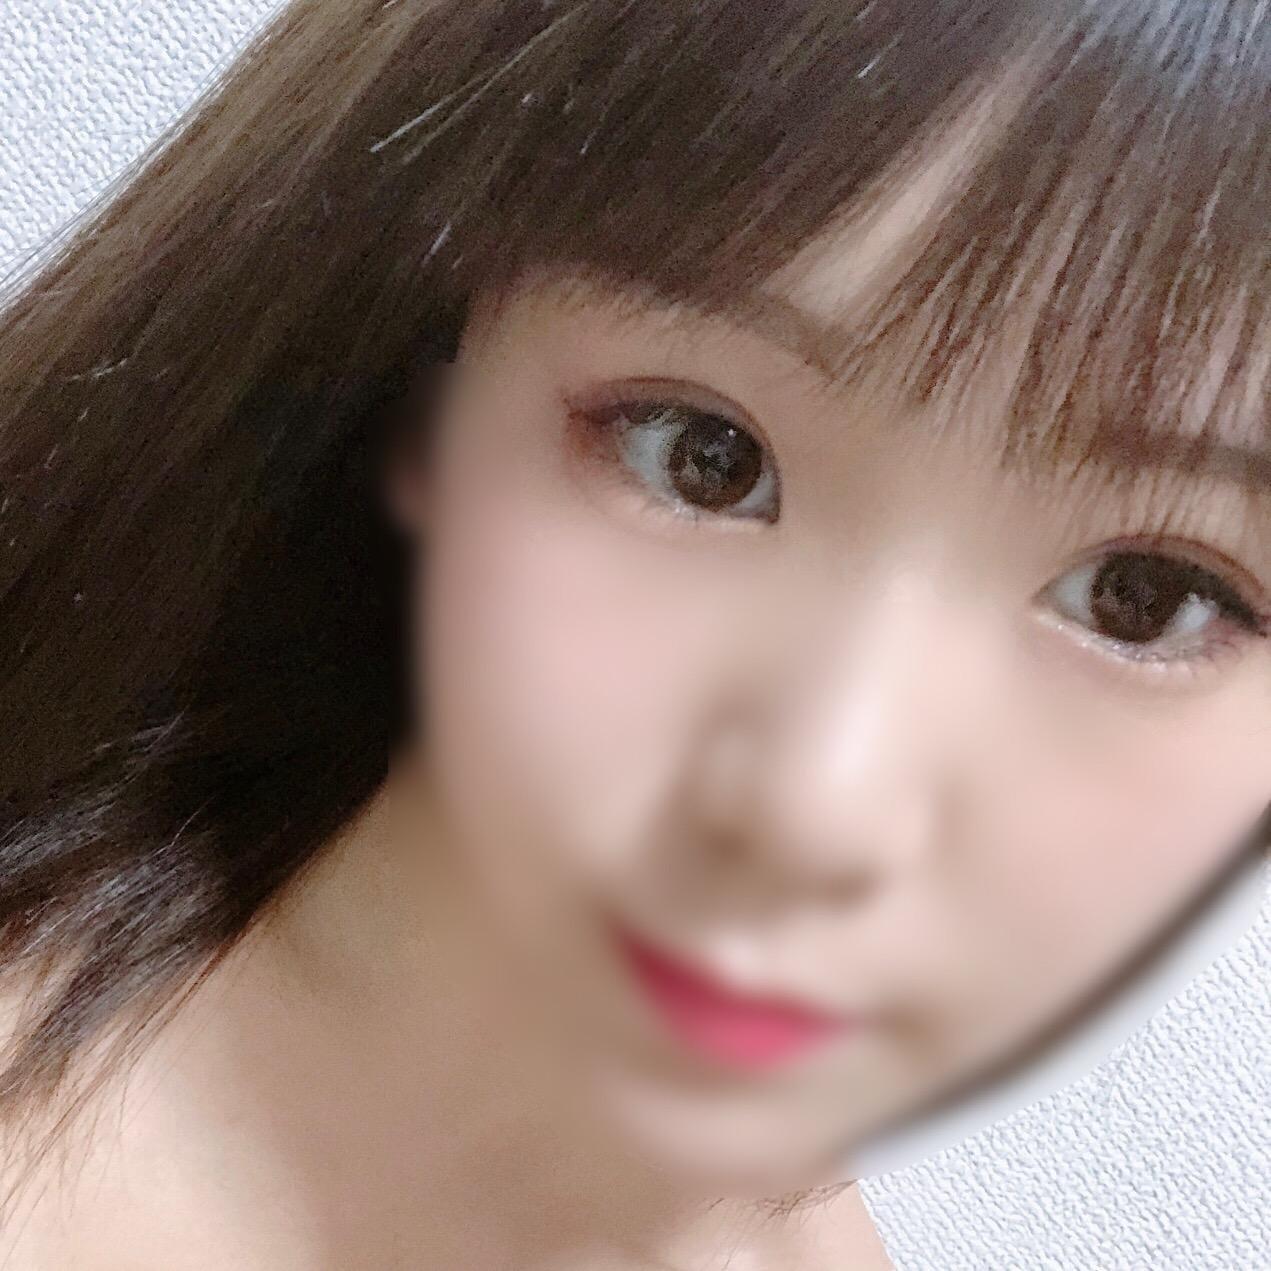 「ありがとうございました!」12/05(12/05) 03:16   浅倉 南の写メ・風俗動画